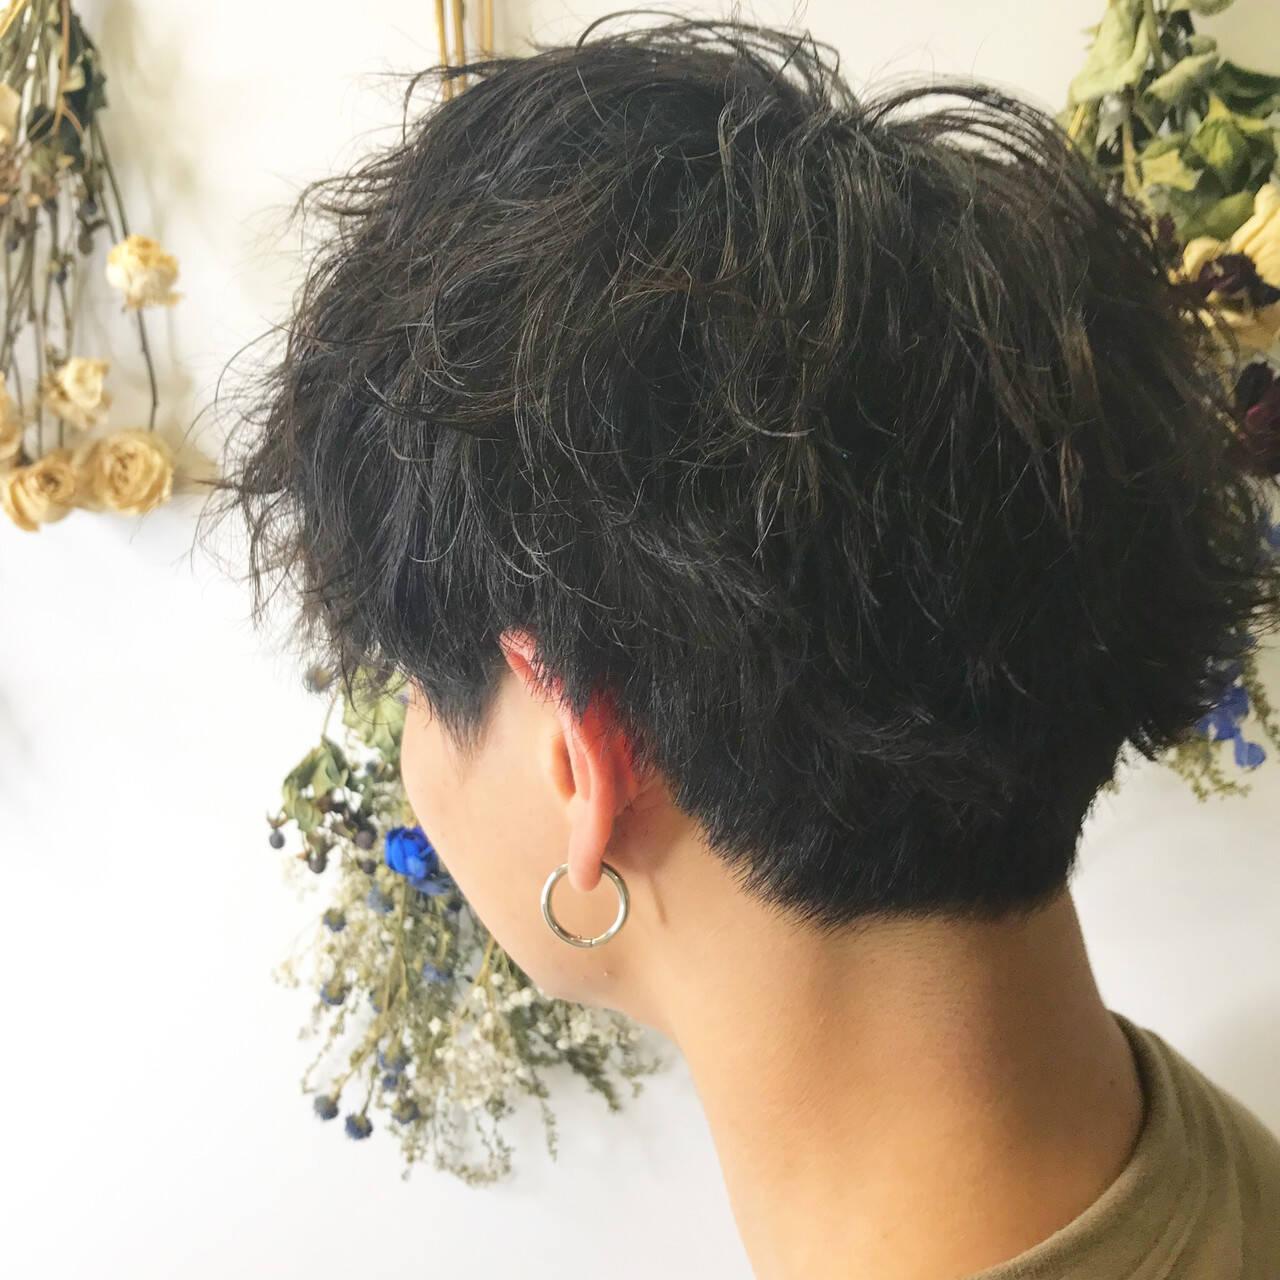 ストリート ツイスト メンズショート メンズカットヘアスタイルや髪型の写真・画像